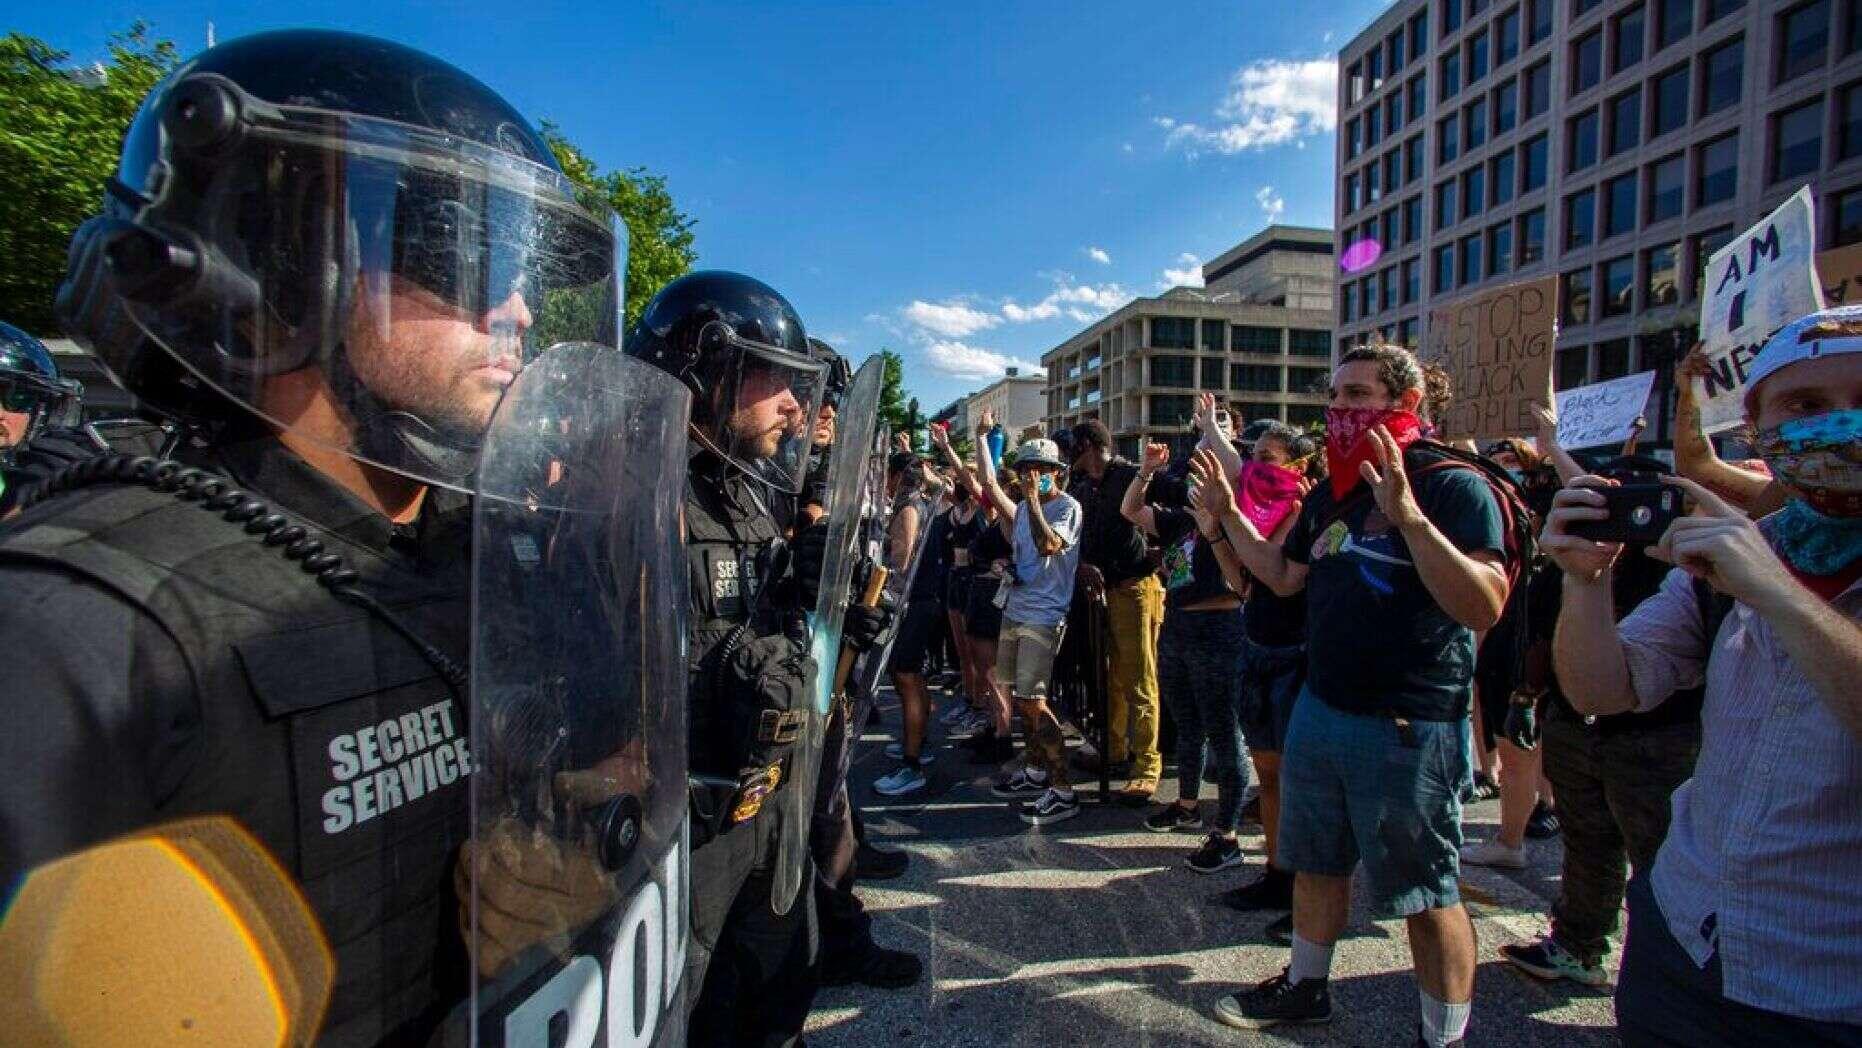 特勤局人员在宾夕法尼亚大街封锁街区(图源:美联社)